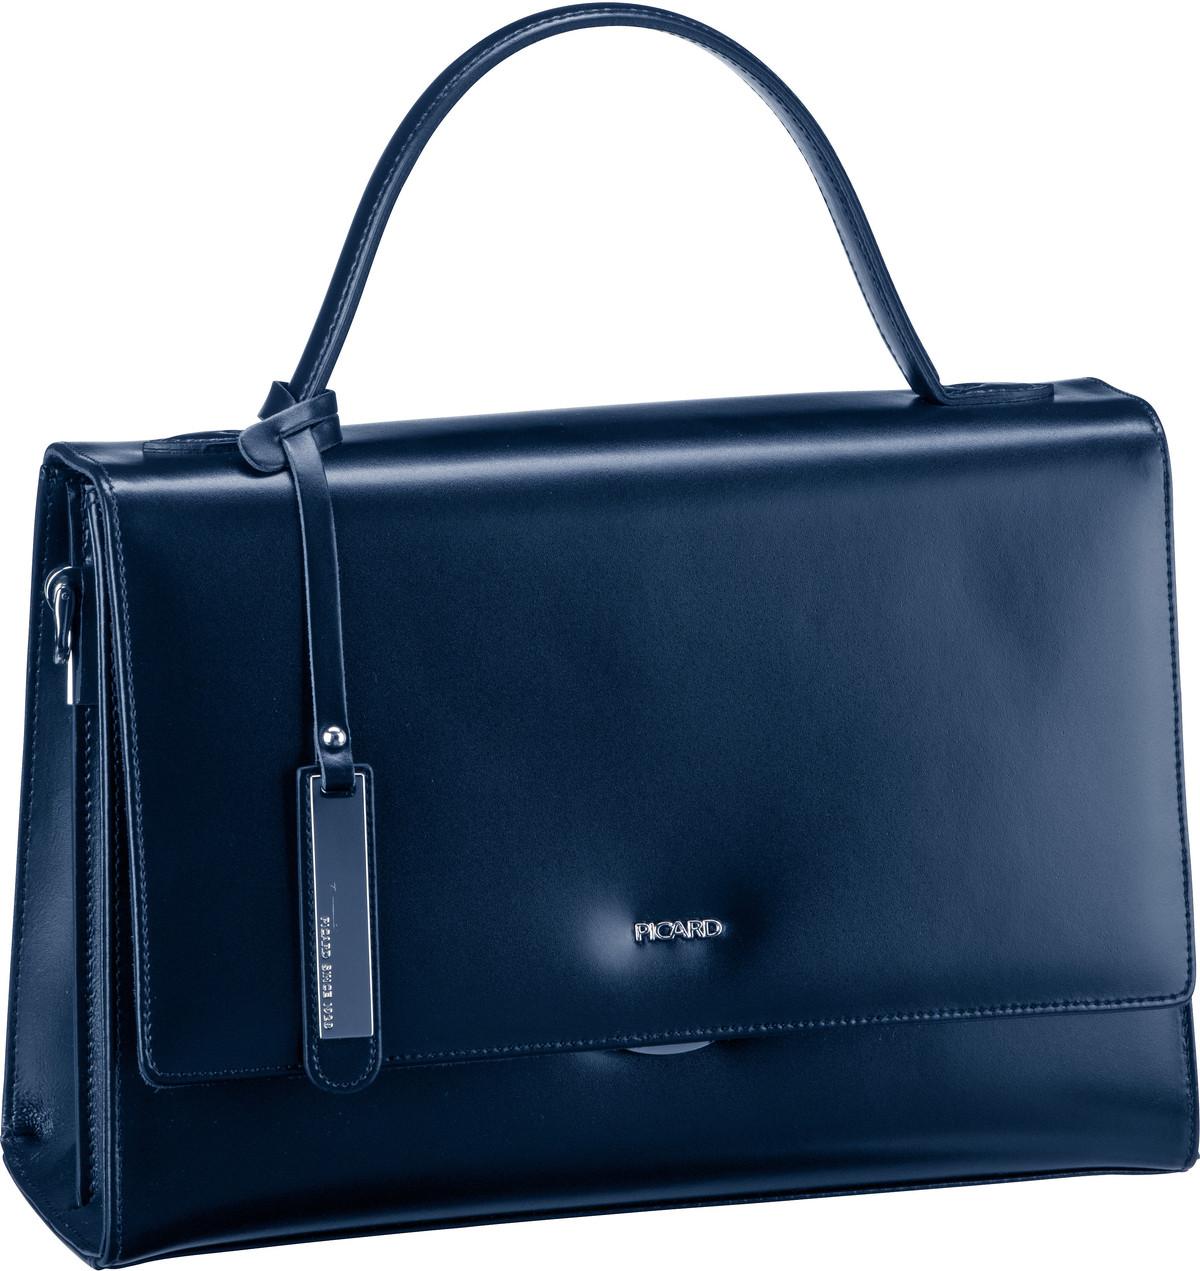 Handtasche Berlin 4870 Ozean